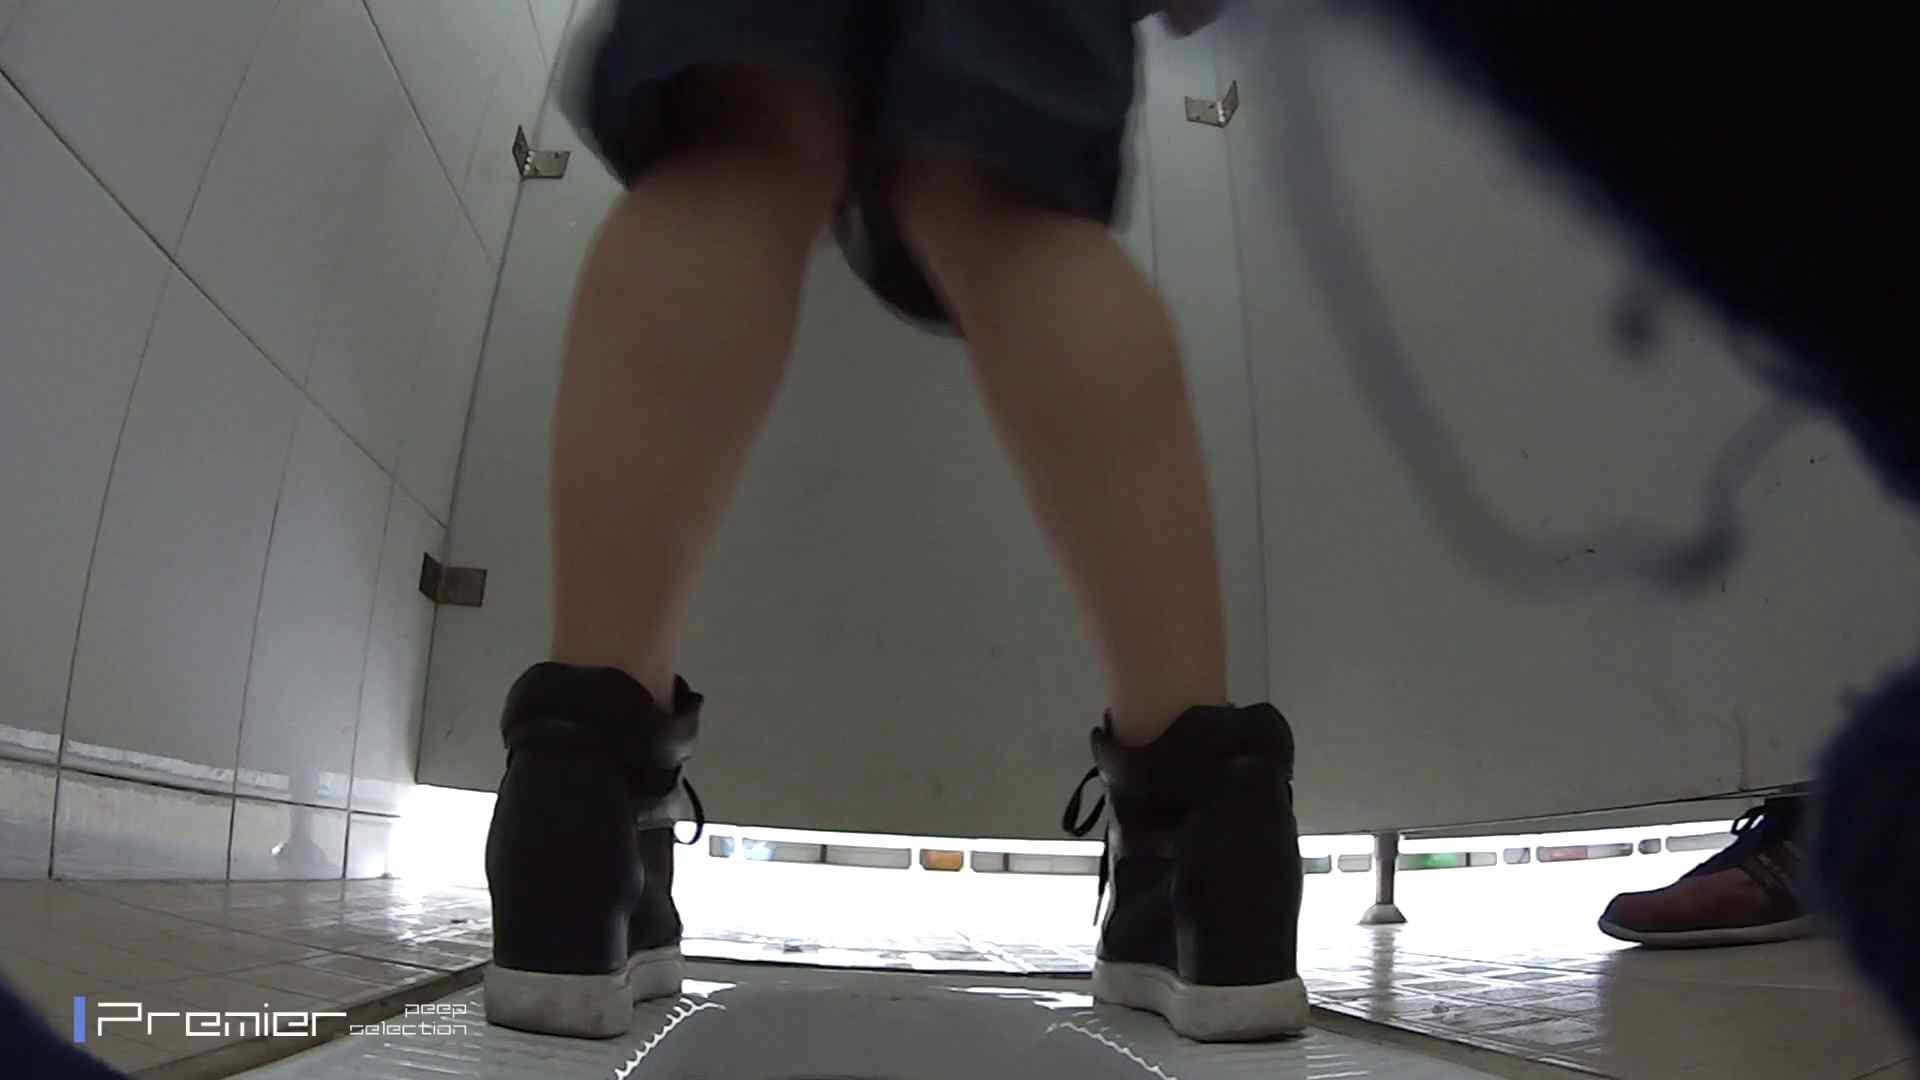 爽やかなお女市さんのトイレの場合 有名大学休憩時間の洗面所事情02 洗面所 おめこ無修正動画無料 68画像 19